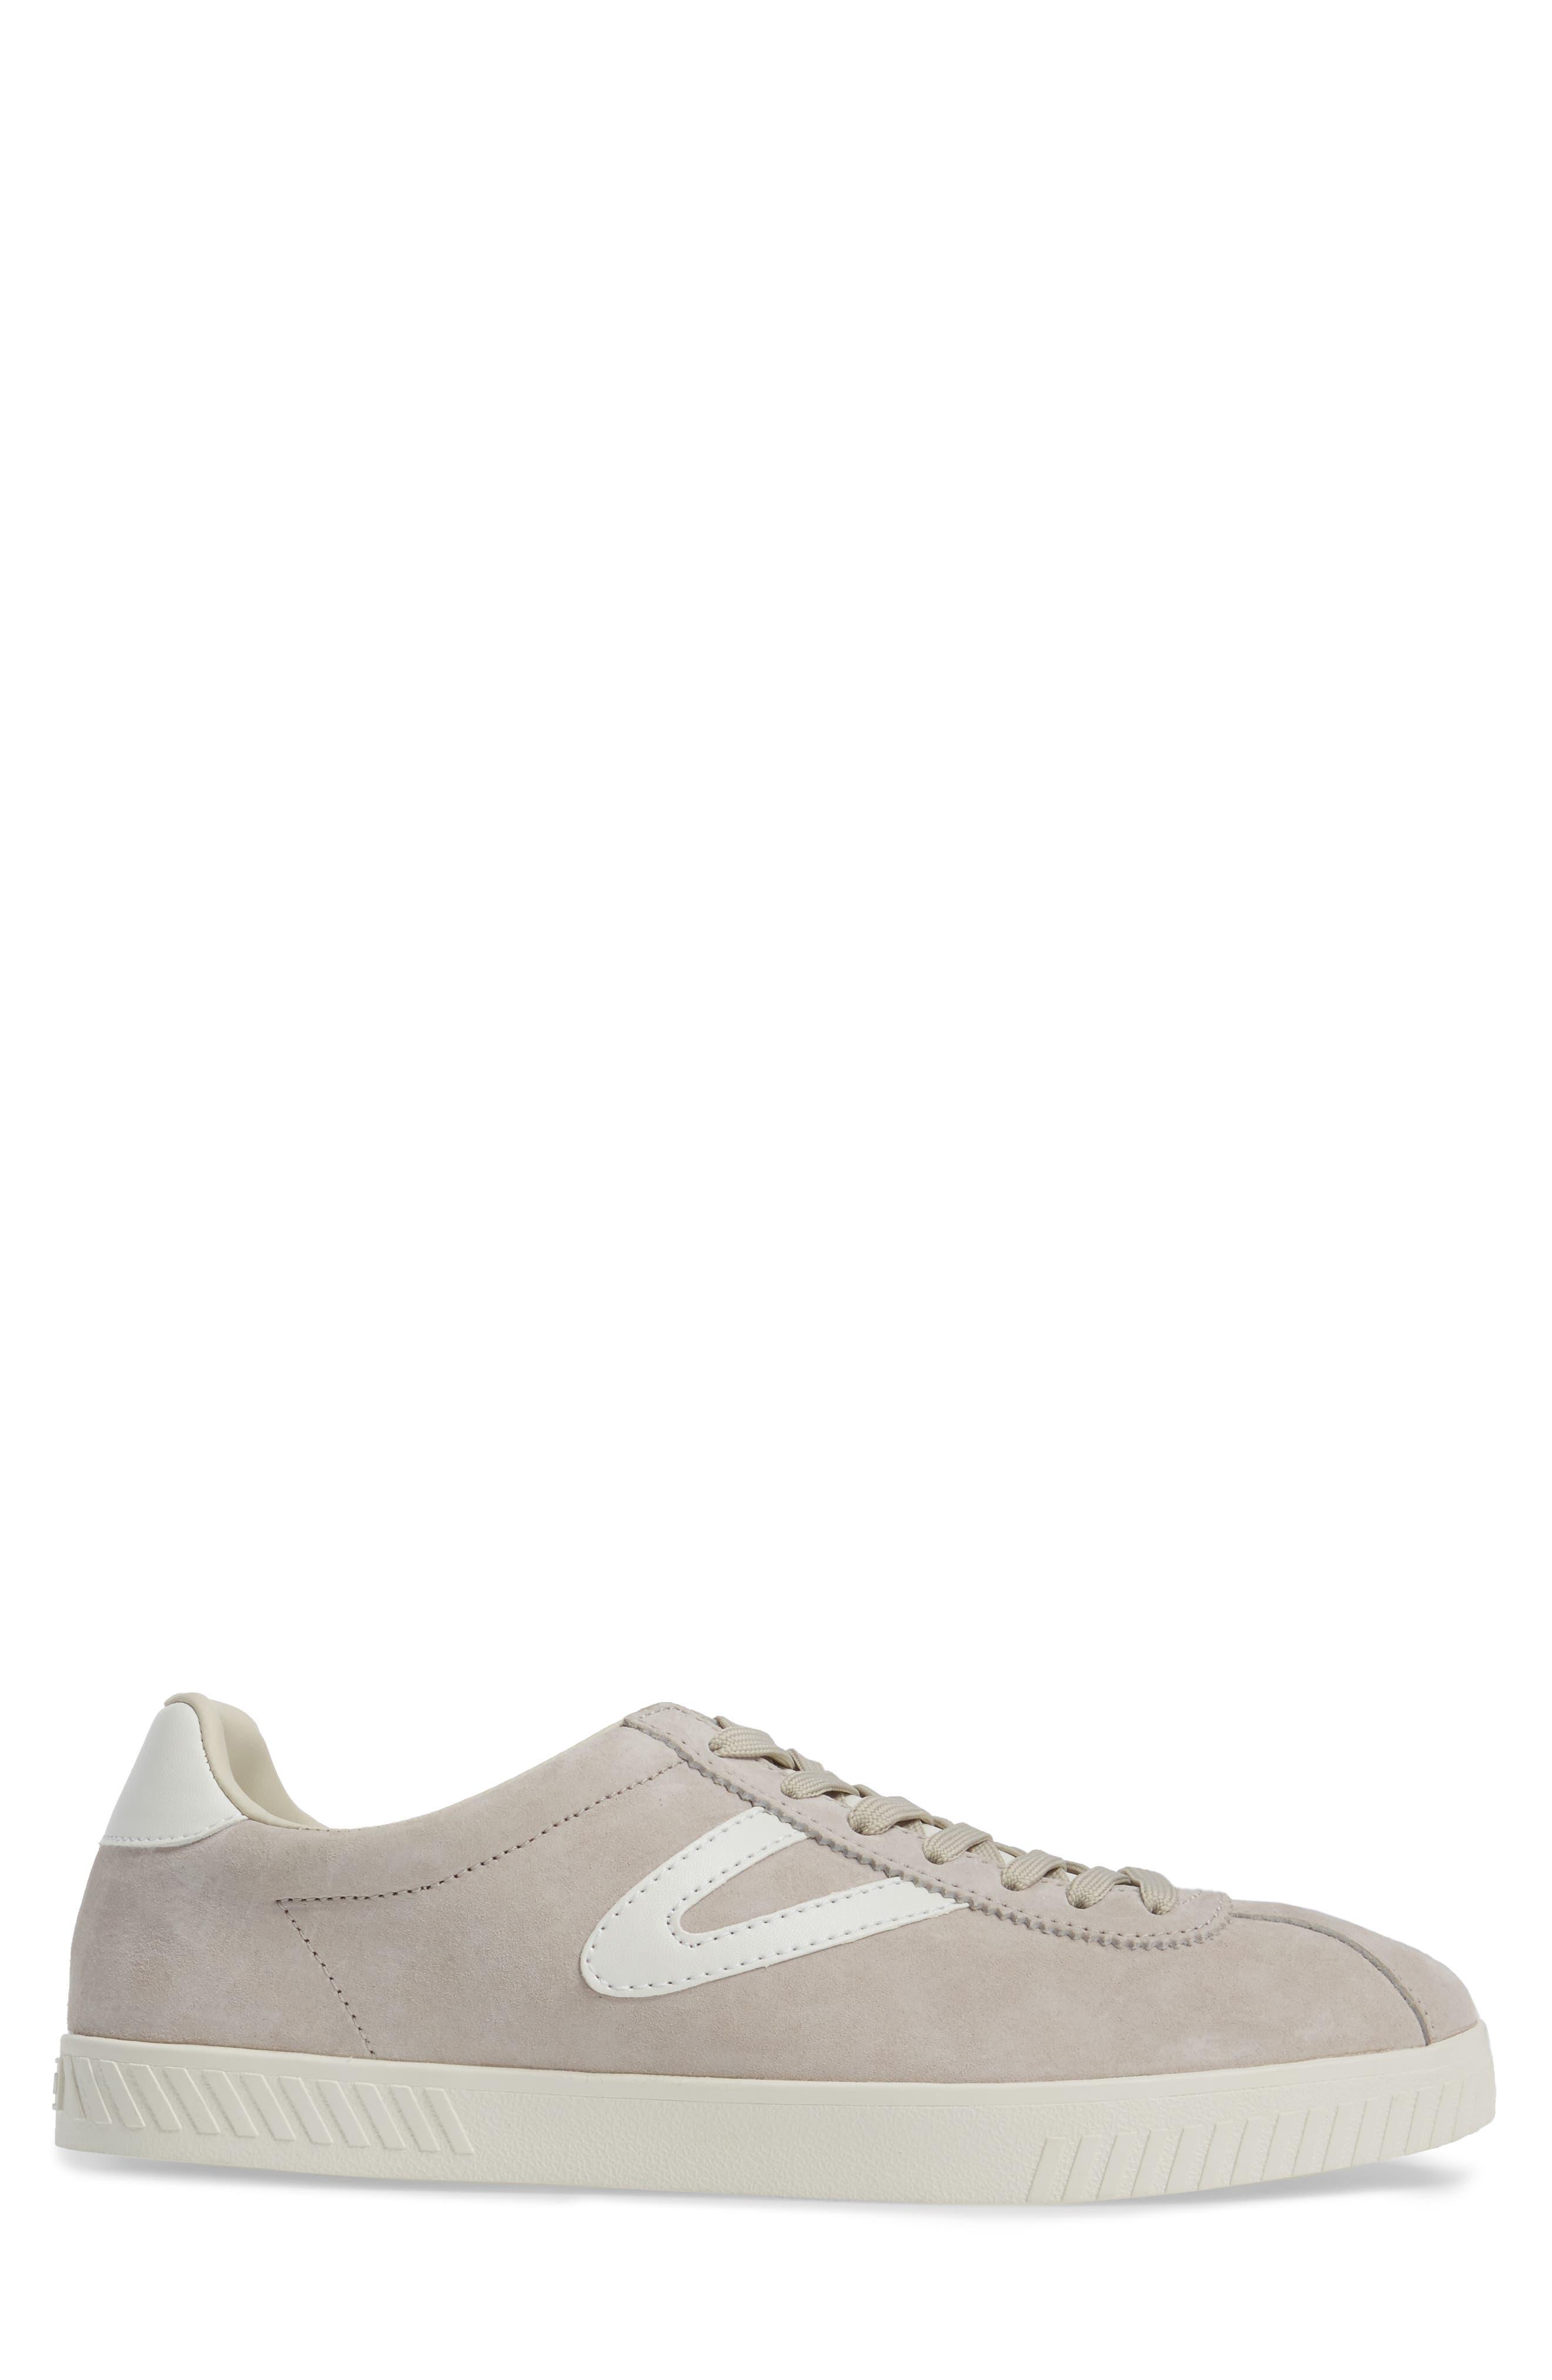 Camden 3 Sneaker,                             Alternate thumbnail 3, color,                             Birch/ White Nubuck